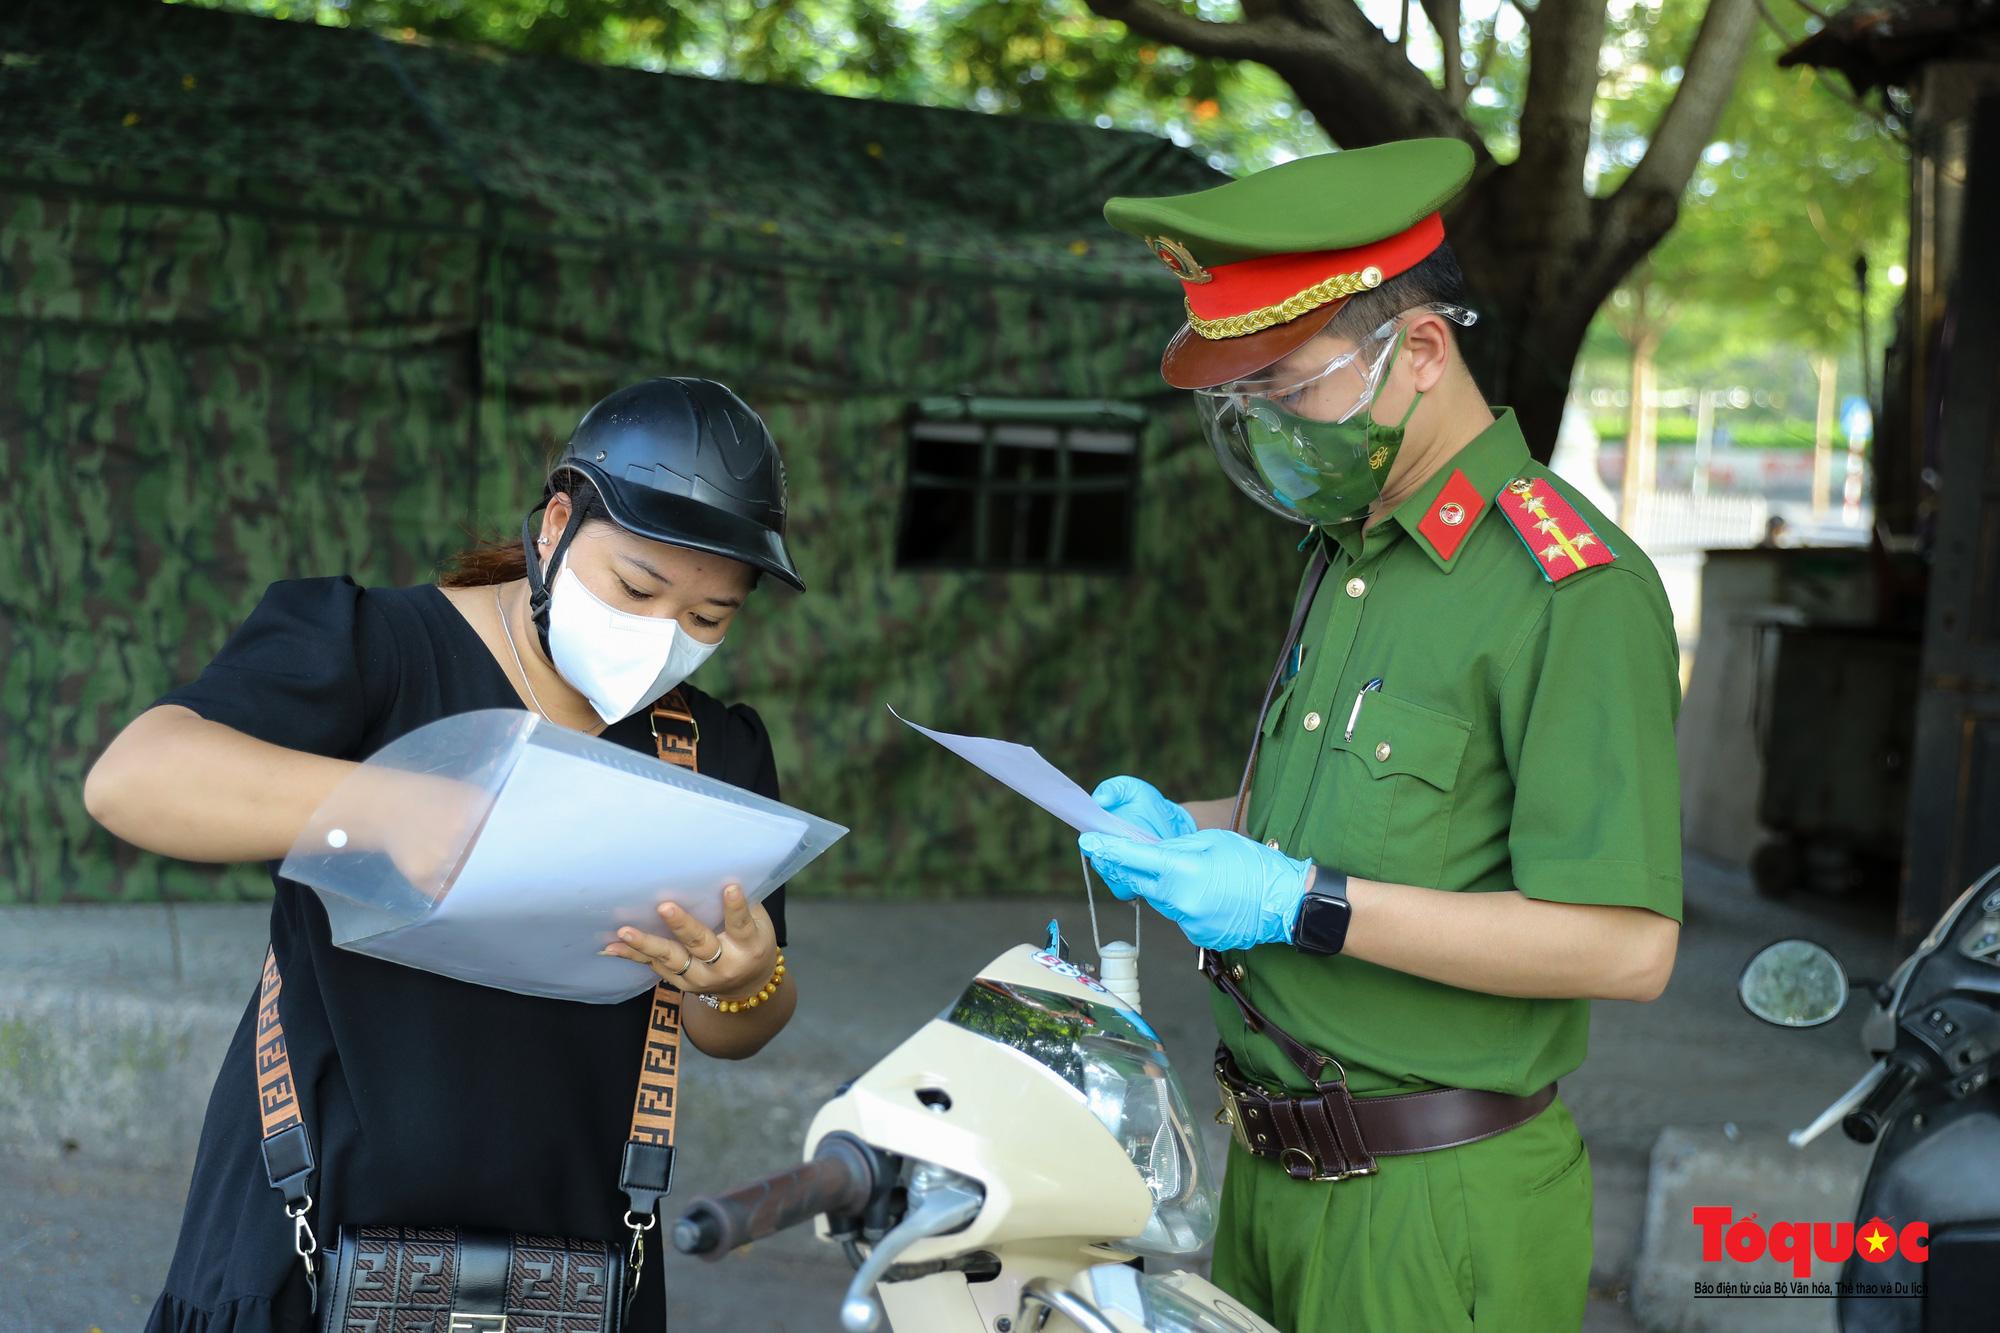 """Hà Nội: Ngày đầu tiên triển khai chốt trực kiểm soát đi lại giữa """"vùng đỏ"""" và """"vùng xanh"""" - Ảnh 5."""